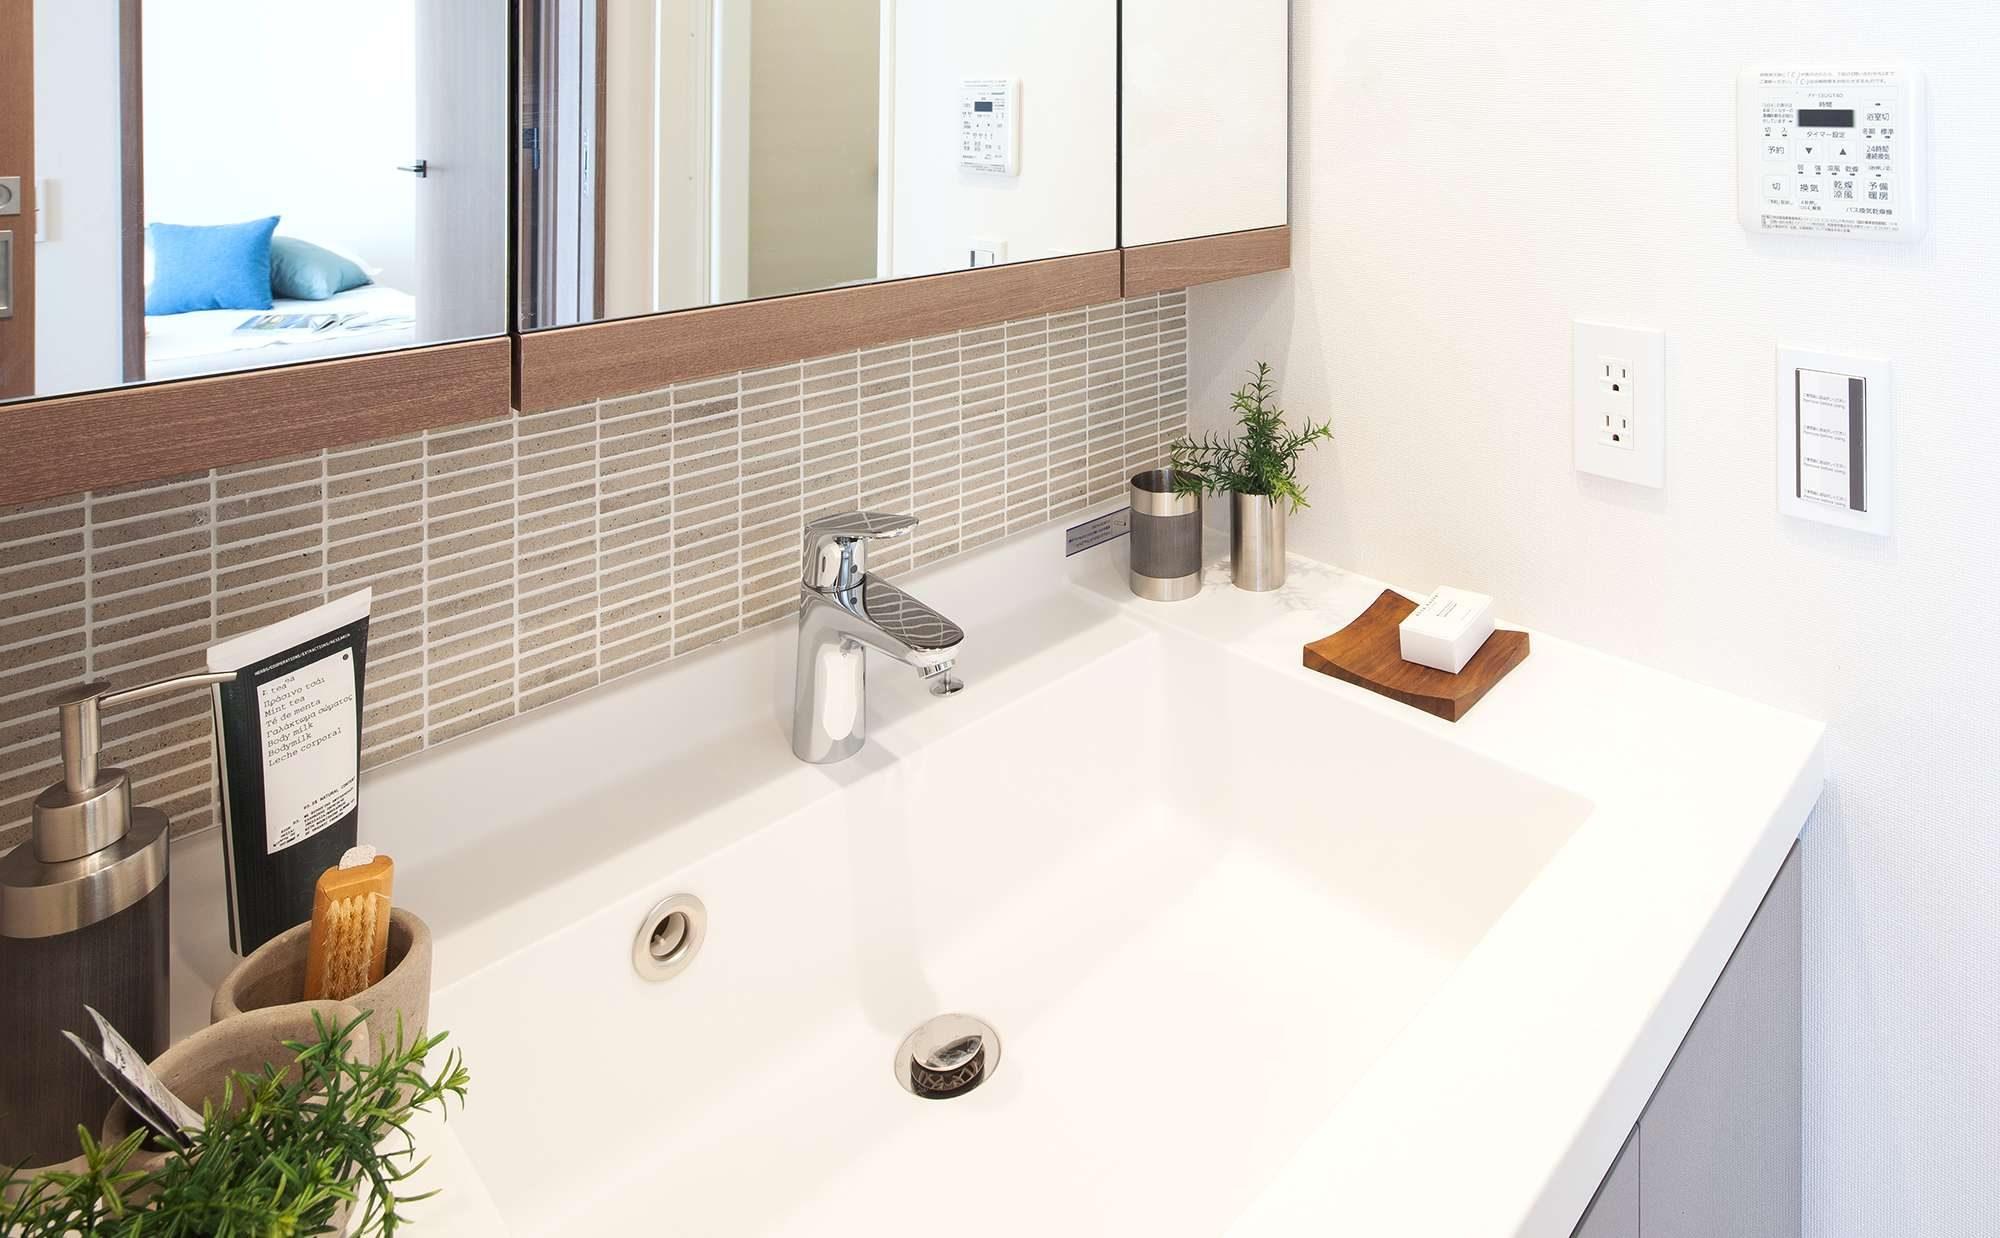 毎日快適に過ごせる、こだわりの洗面台のある暮らし